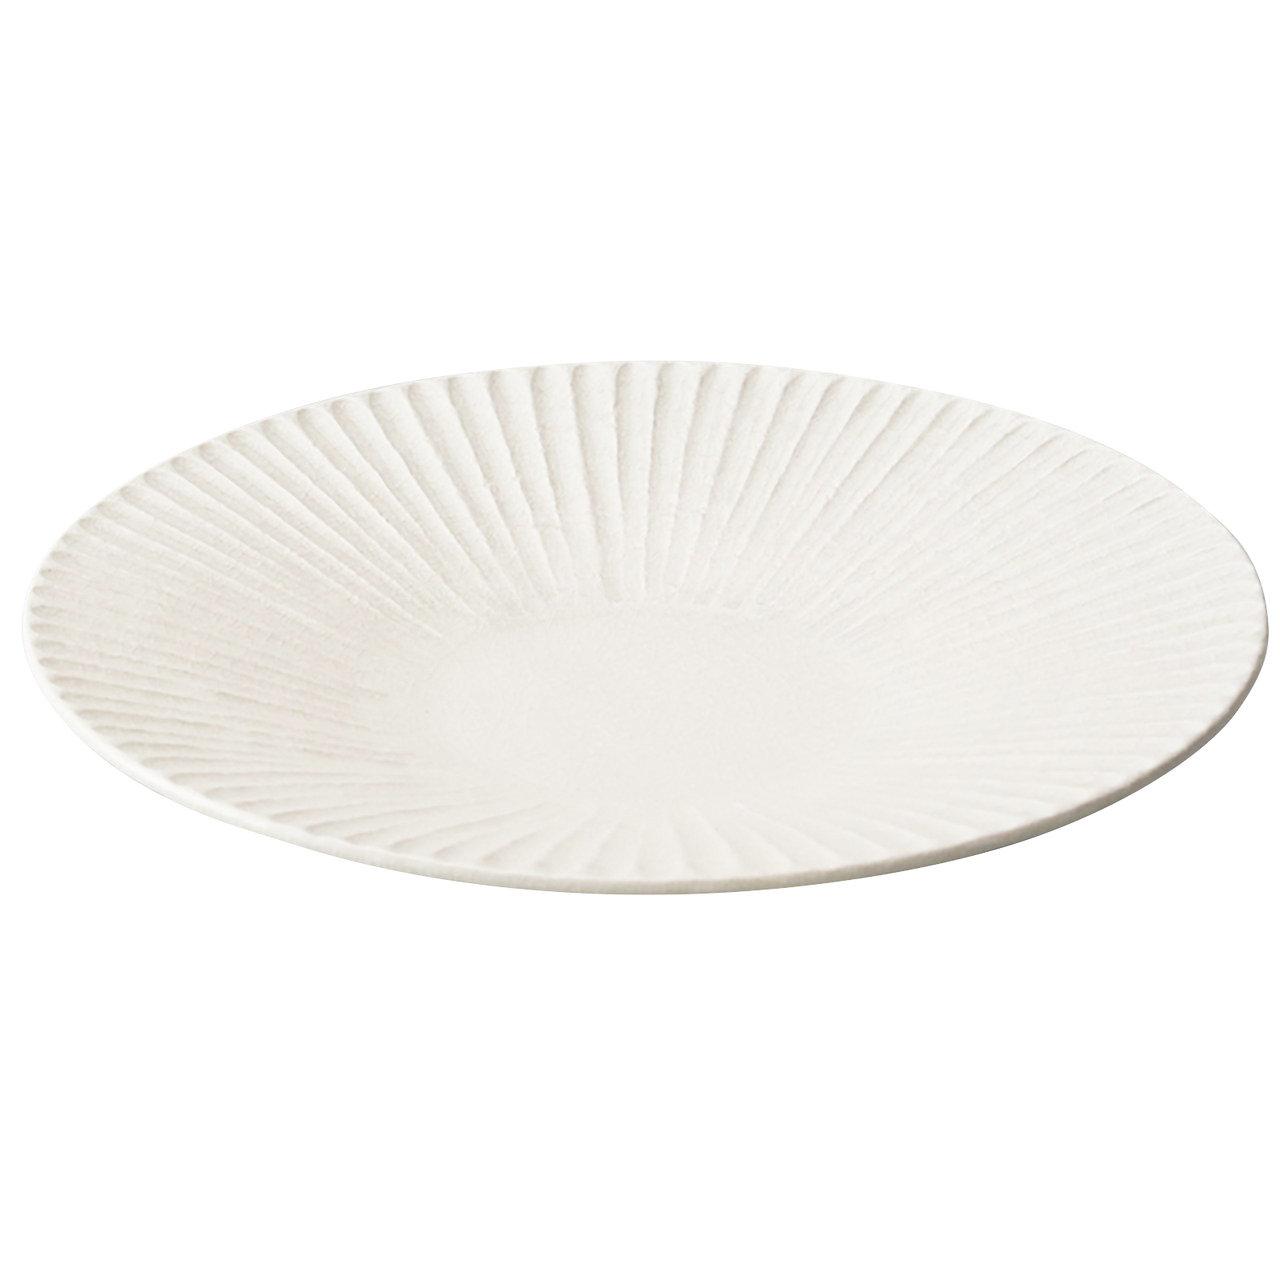 瀬戸焼 伍春窯 そぎ SOGI カレー皿 パスタ皿 プレート 8.5寸 約26cm 白 127-0407